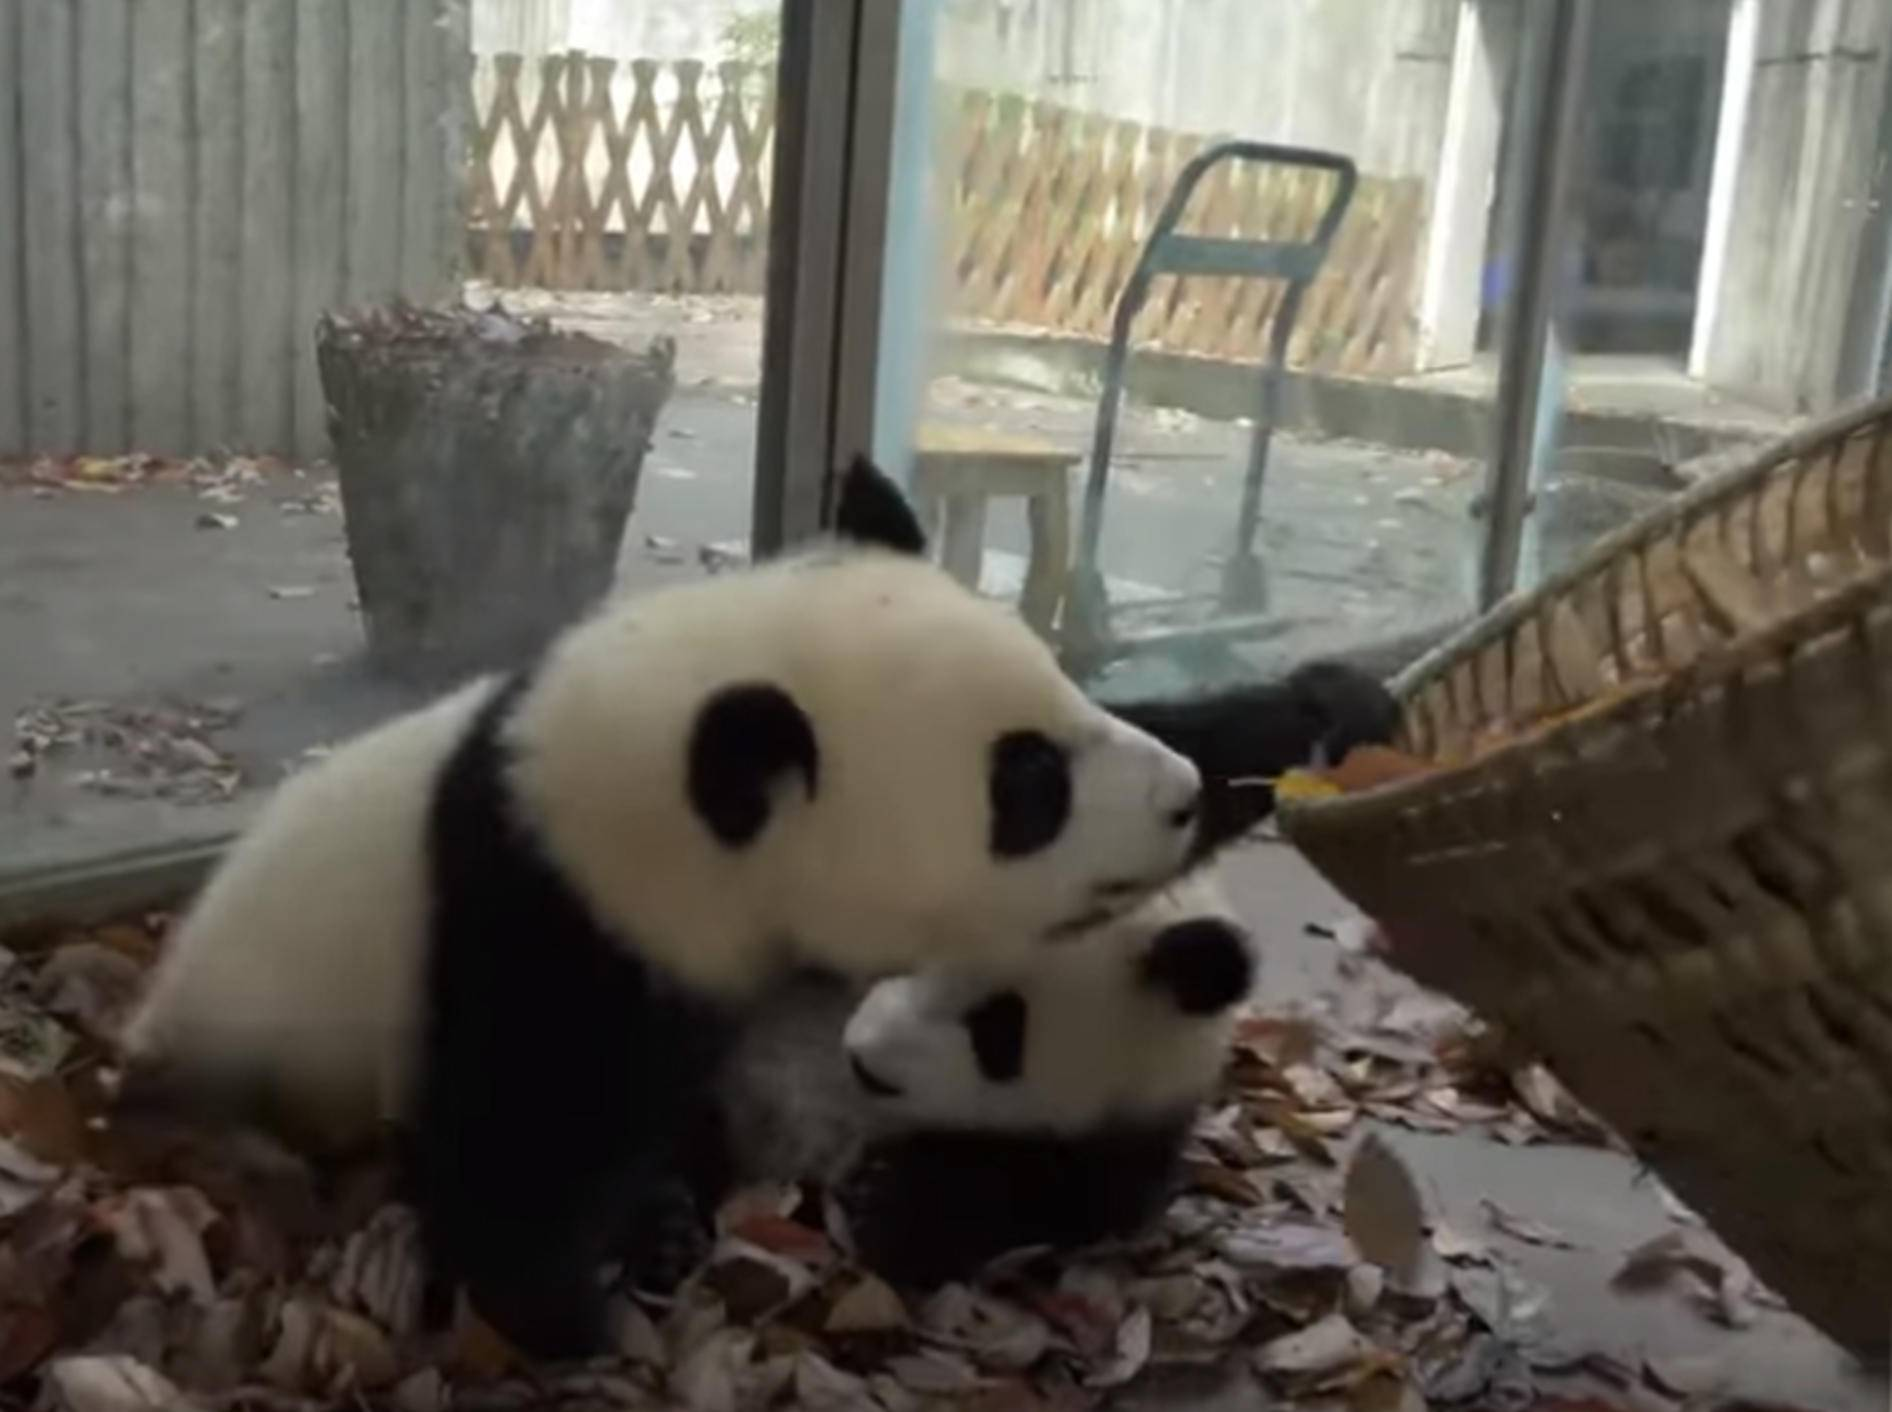 Diese Pandas haben Spaß im Laub - Bild: YouTube / 游浮生